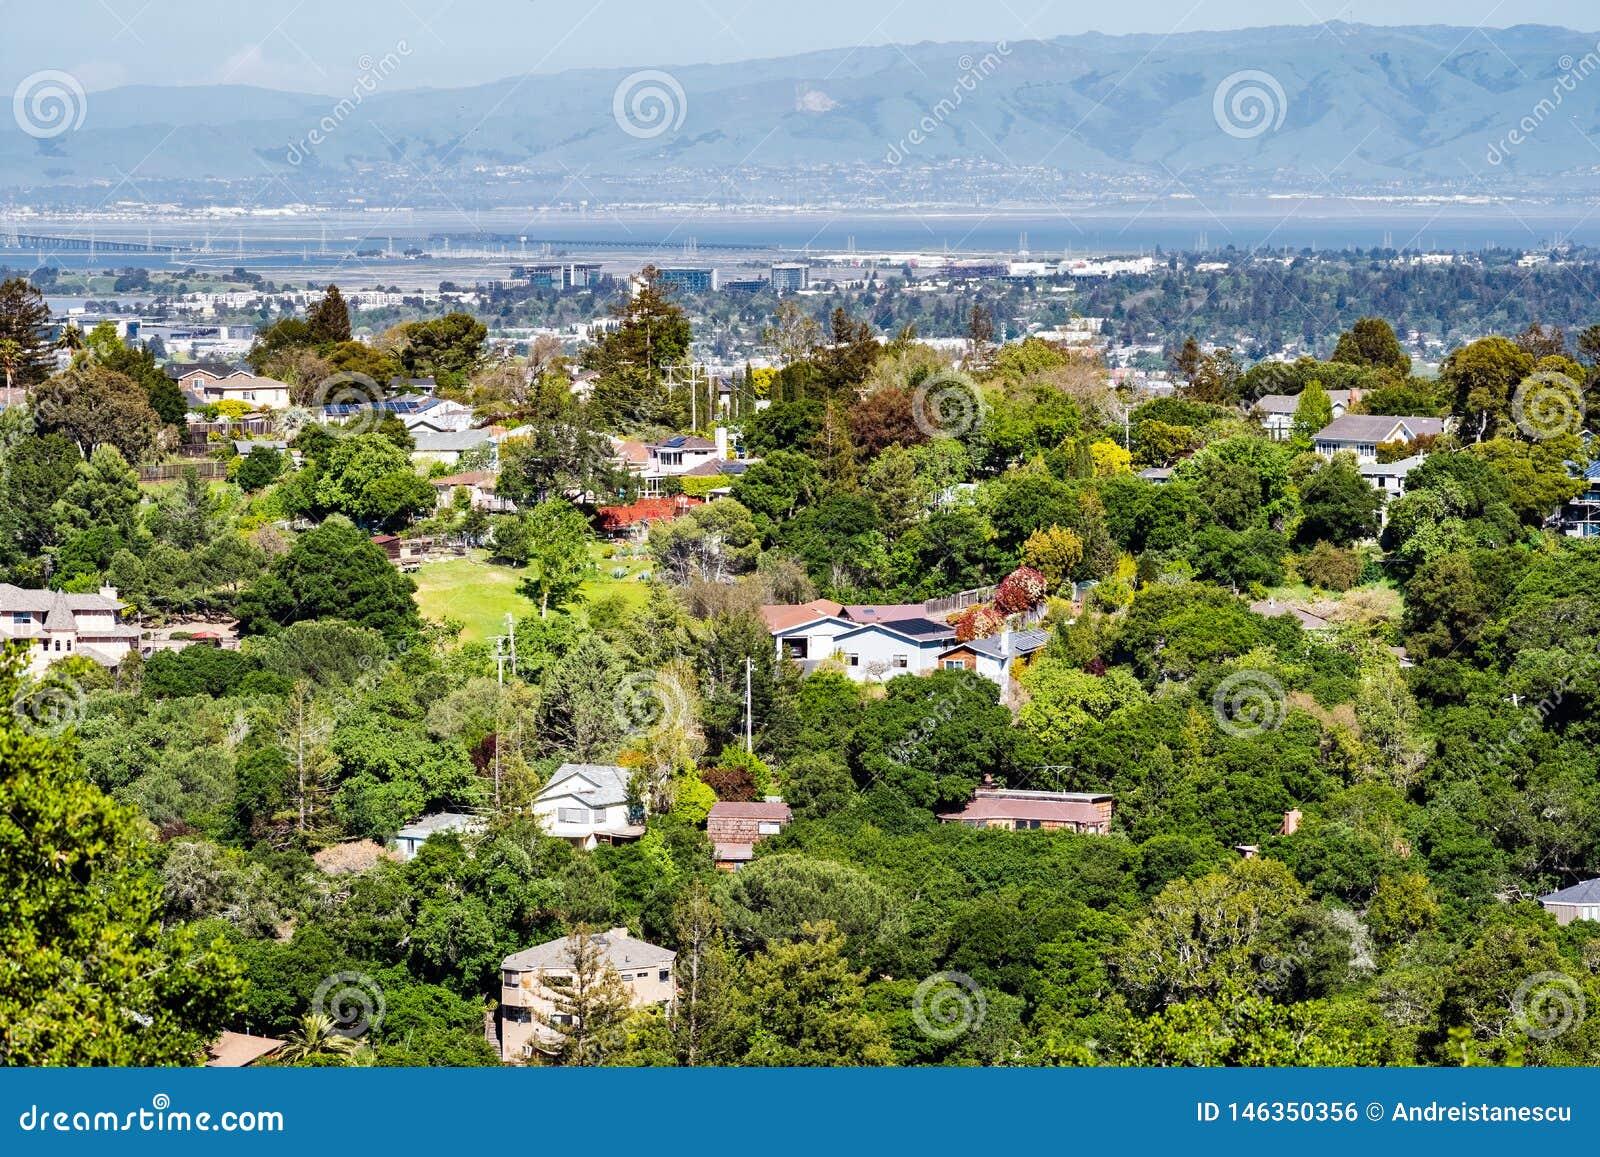 Vista aérea da vizinhança residencial; San Francisco Bay visível no fundo; Redwood City, Califórnia